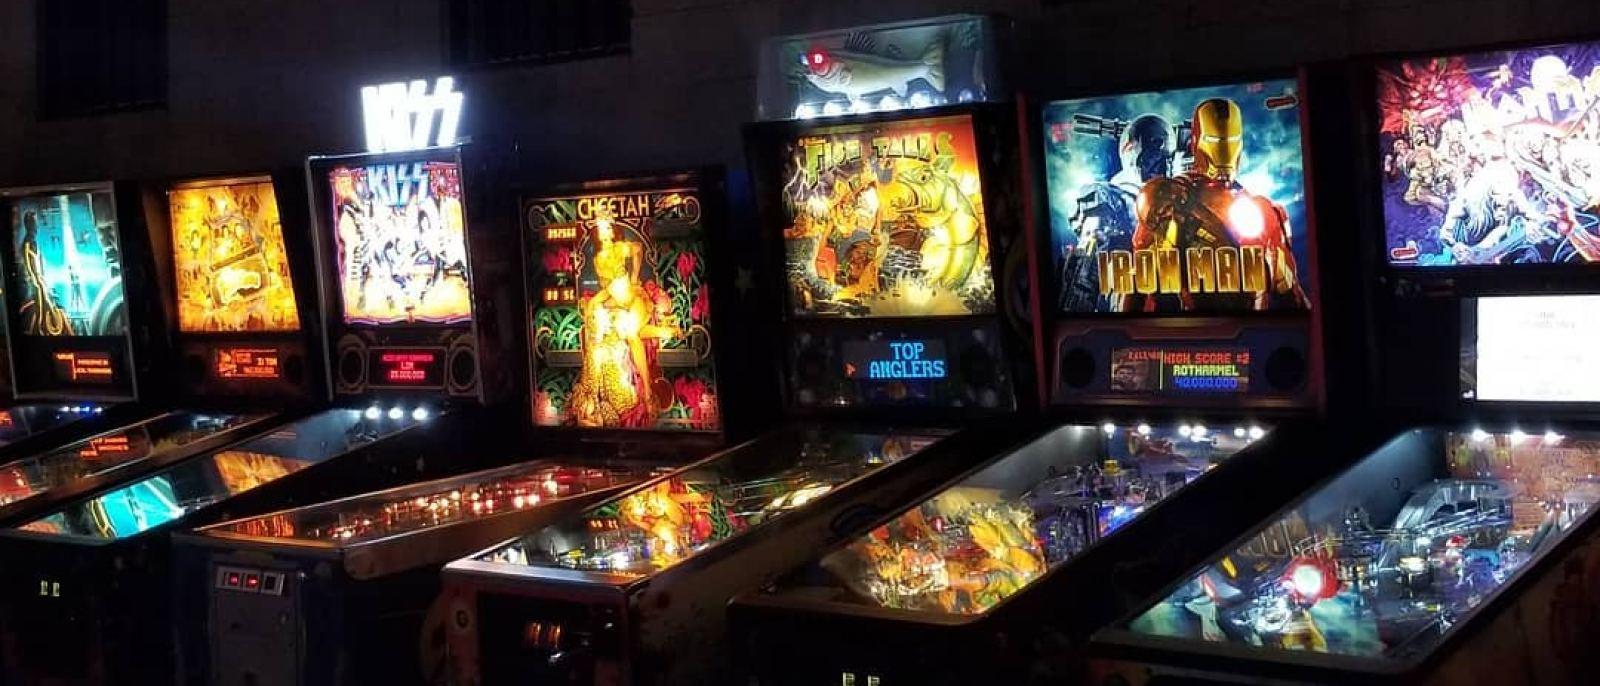 Pinball machines at EightyTwo